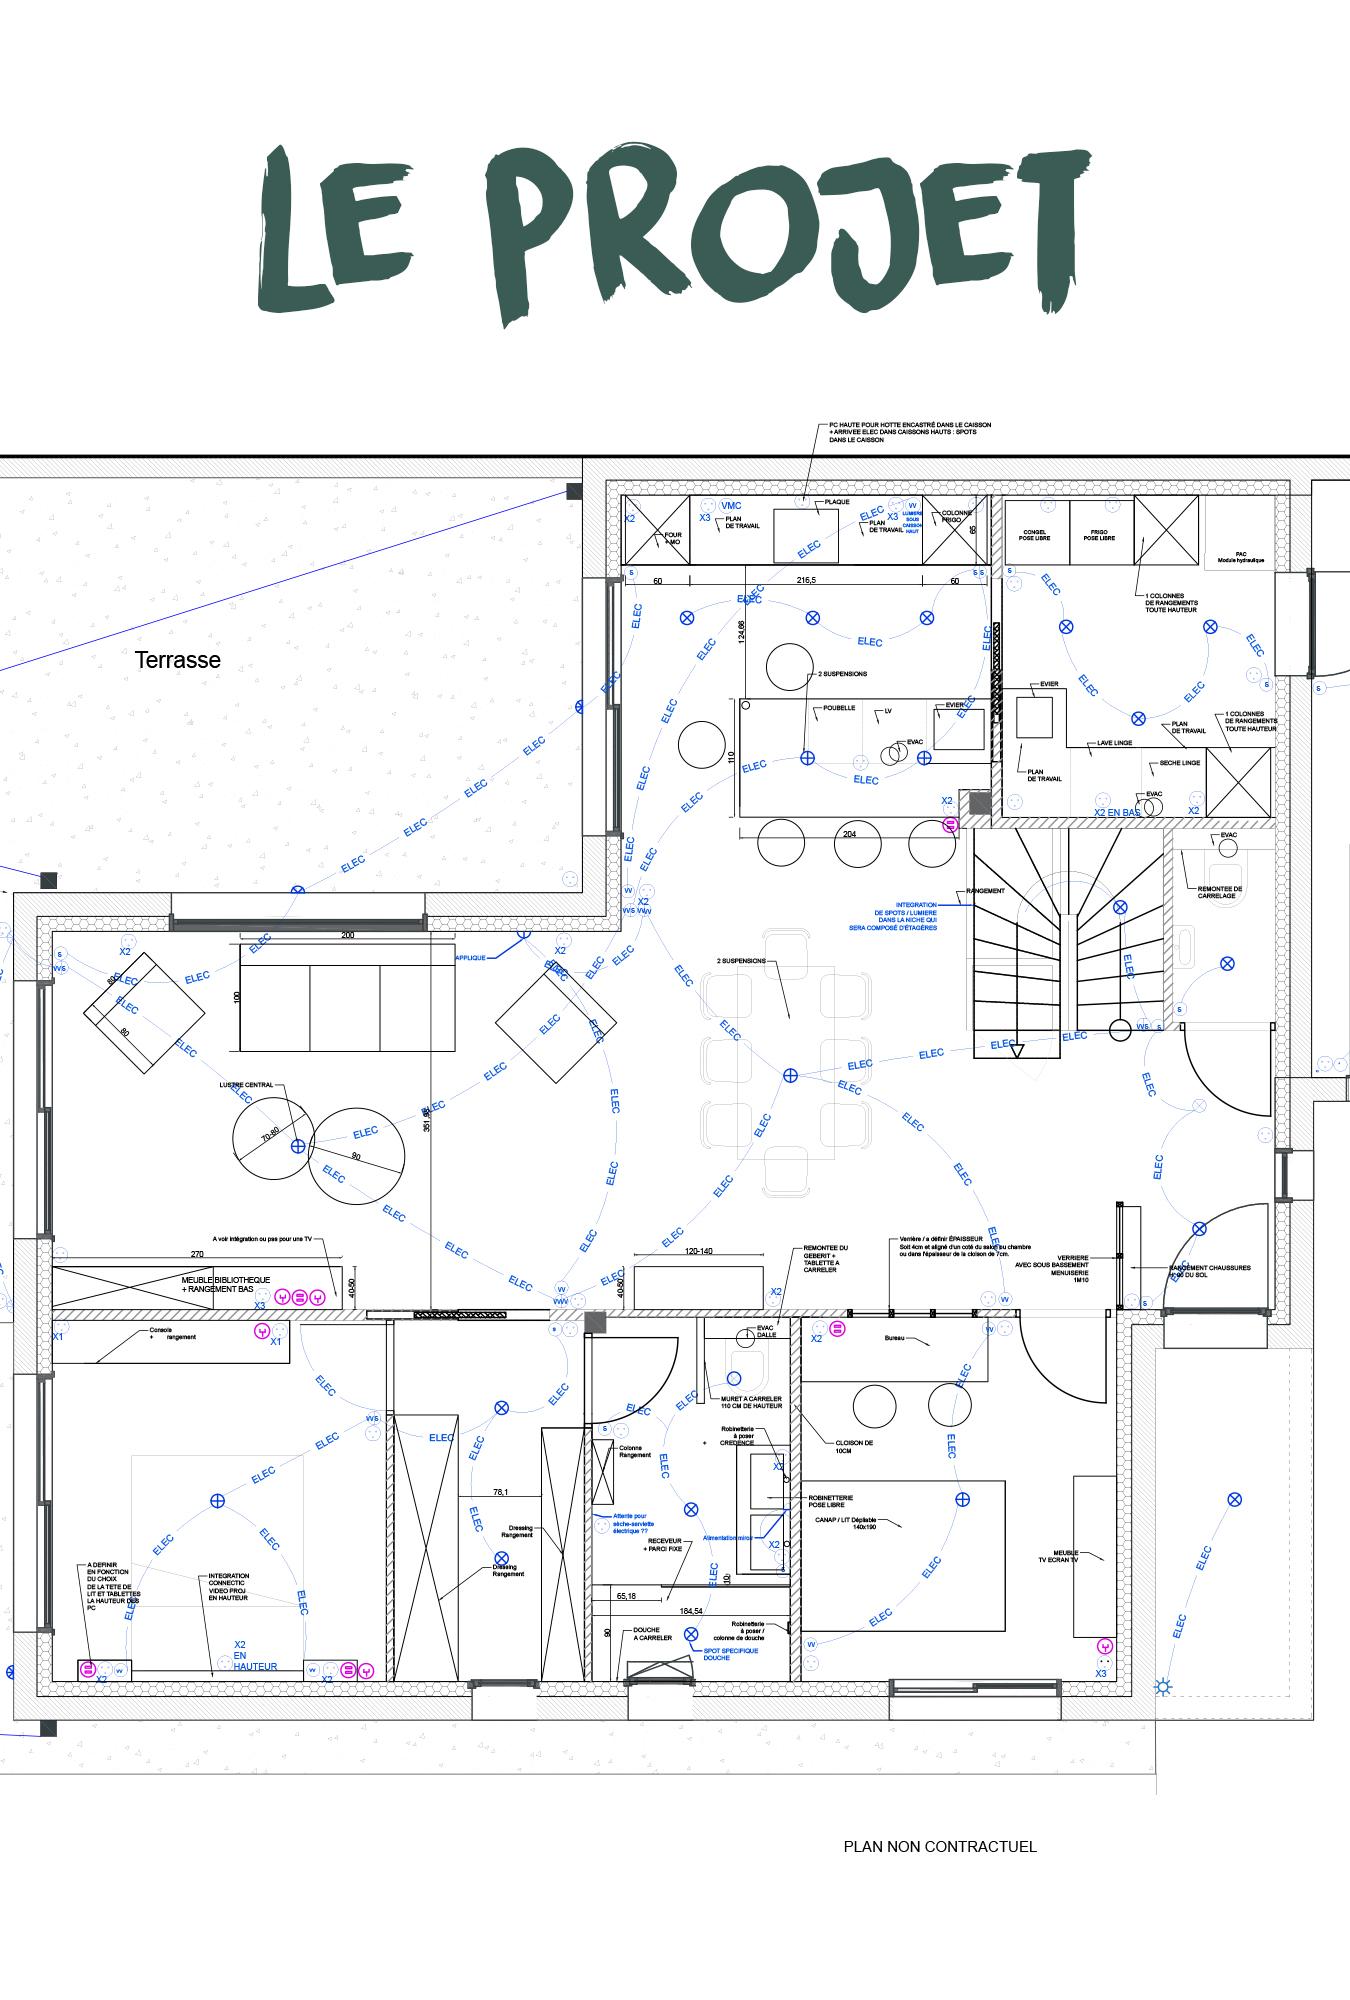 PLAN agencement validée création 3D interieur architecte